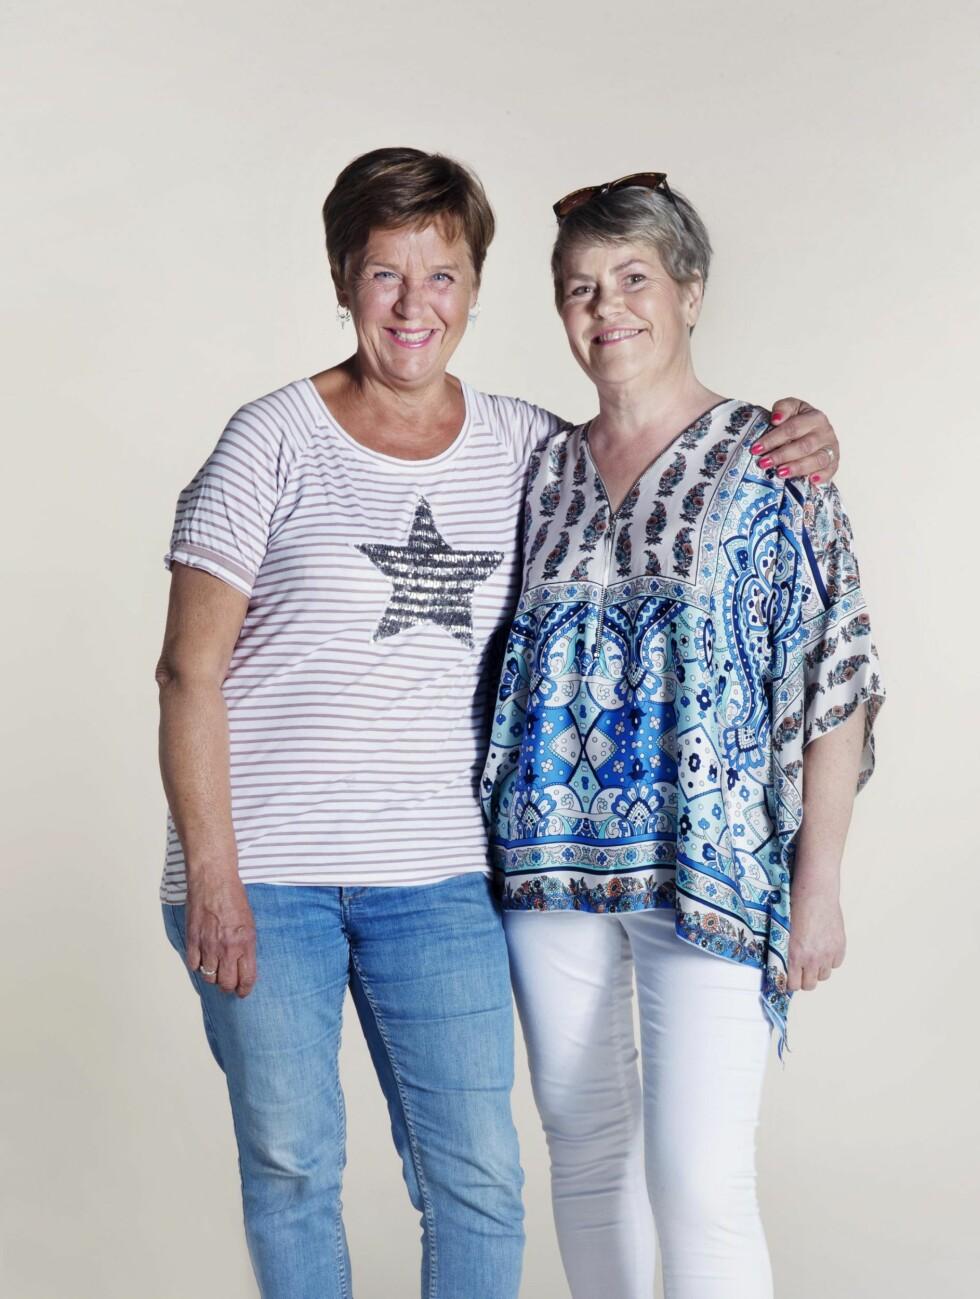 IMPONERT: – Inger har vært kjempeflink, sier navnesøster Inger Kløkstad, damen bak «Ingers rugbrød». Foto: Yvonne Wilhelmsen